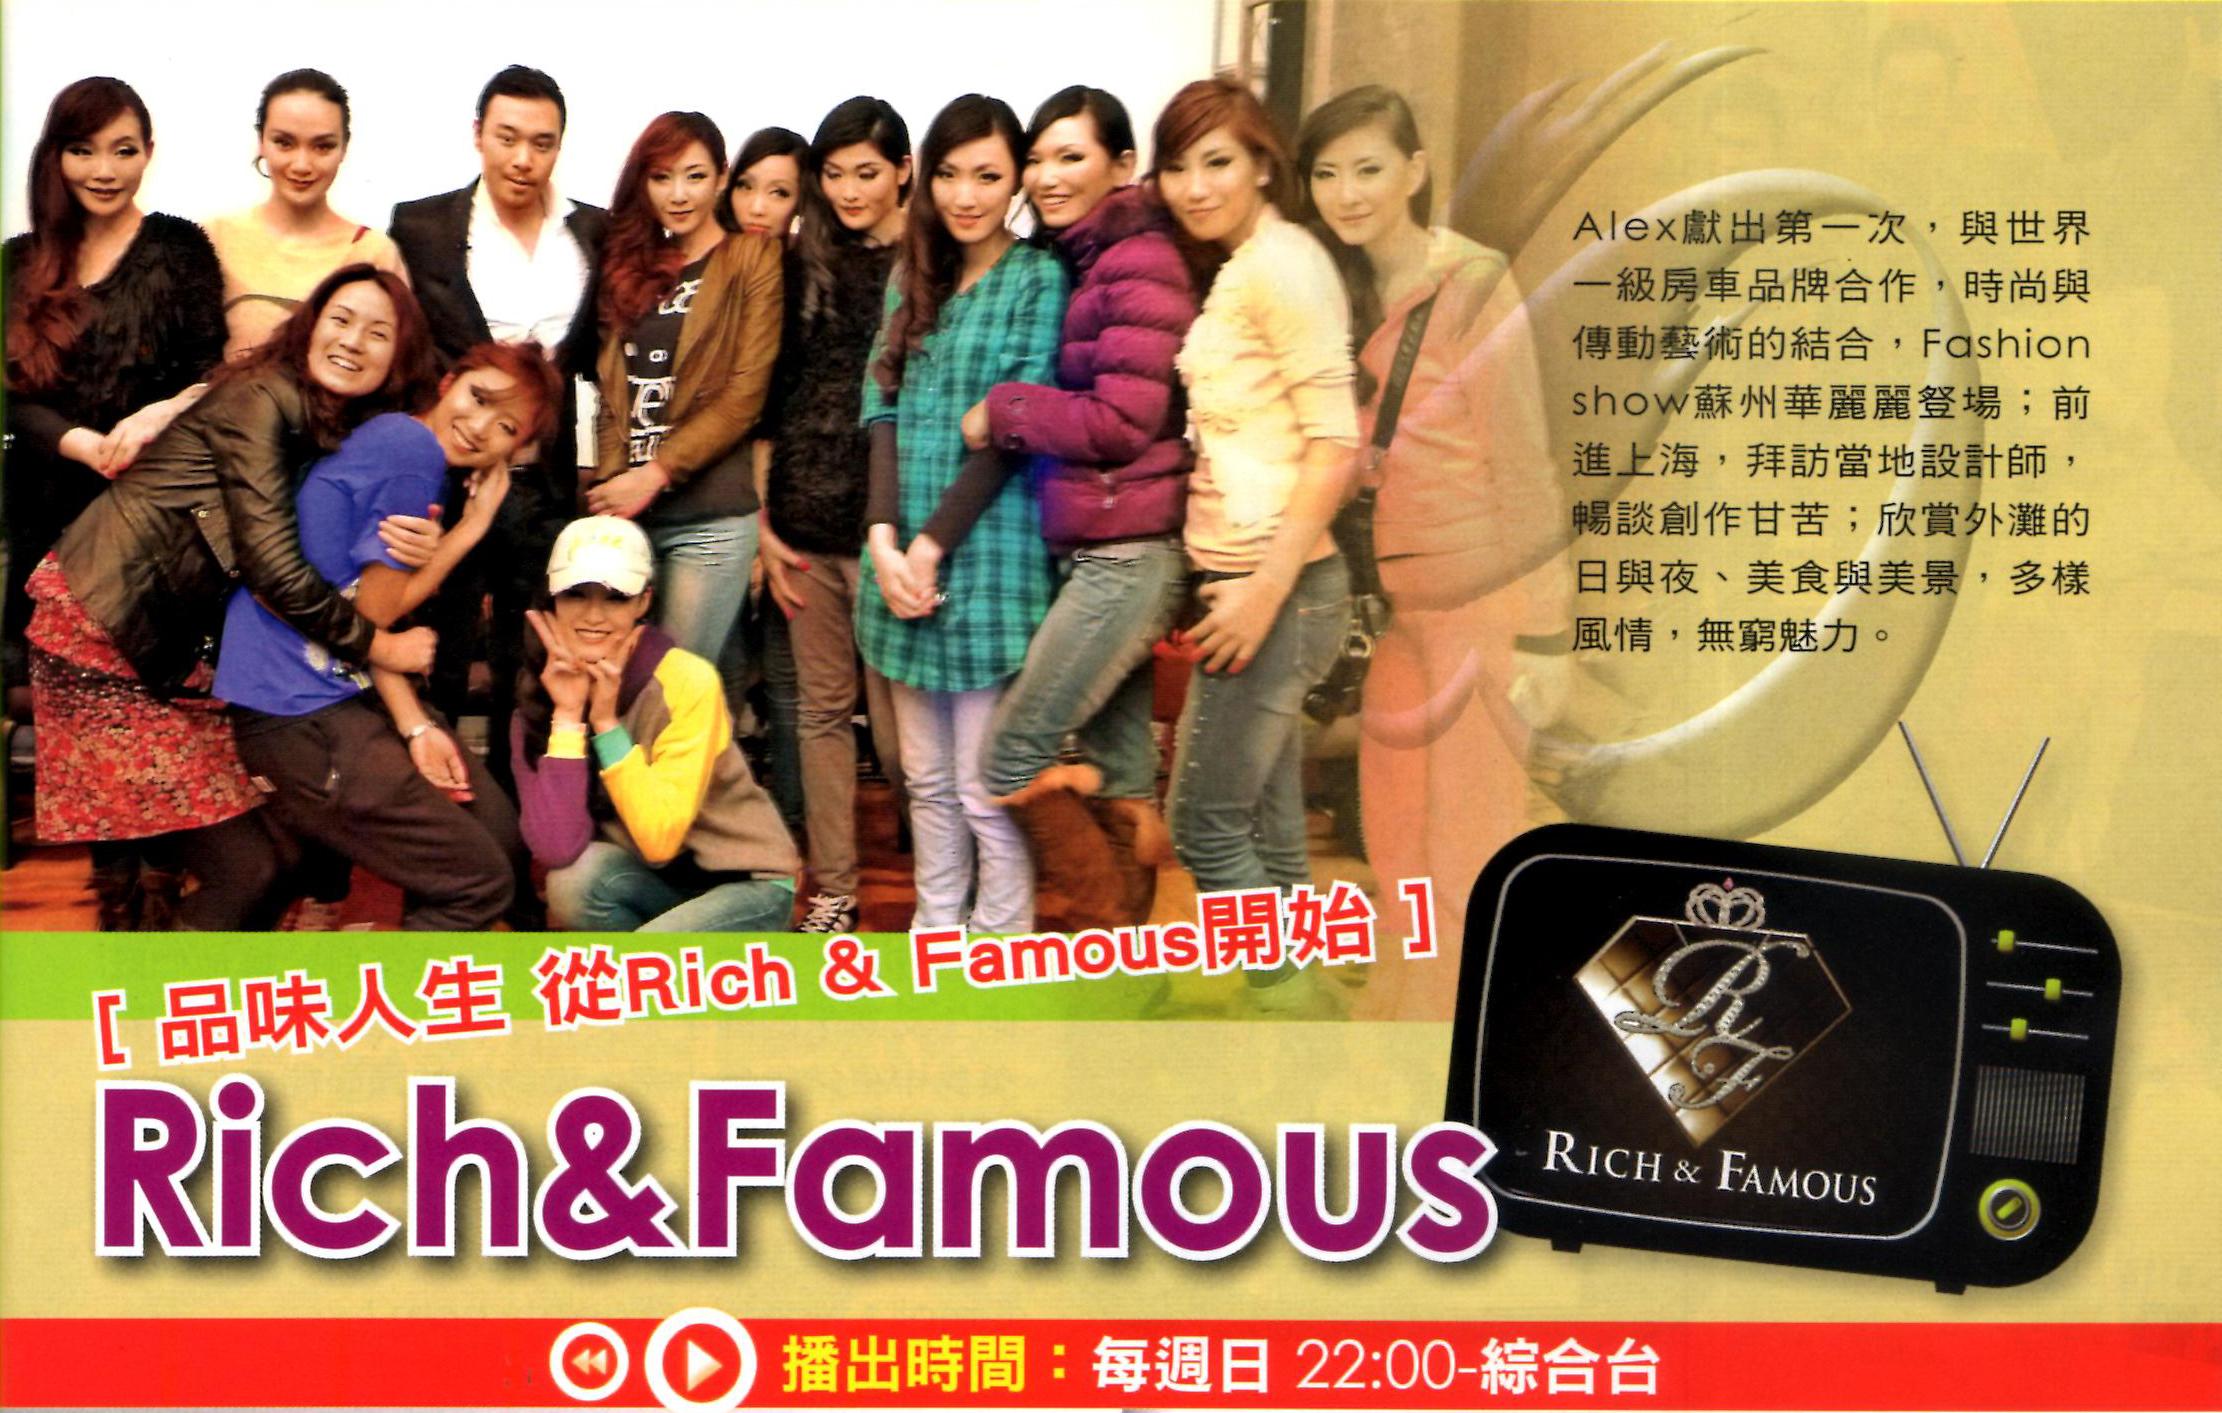 壹電視 2011.4.14 No. 516 壹電視